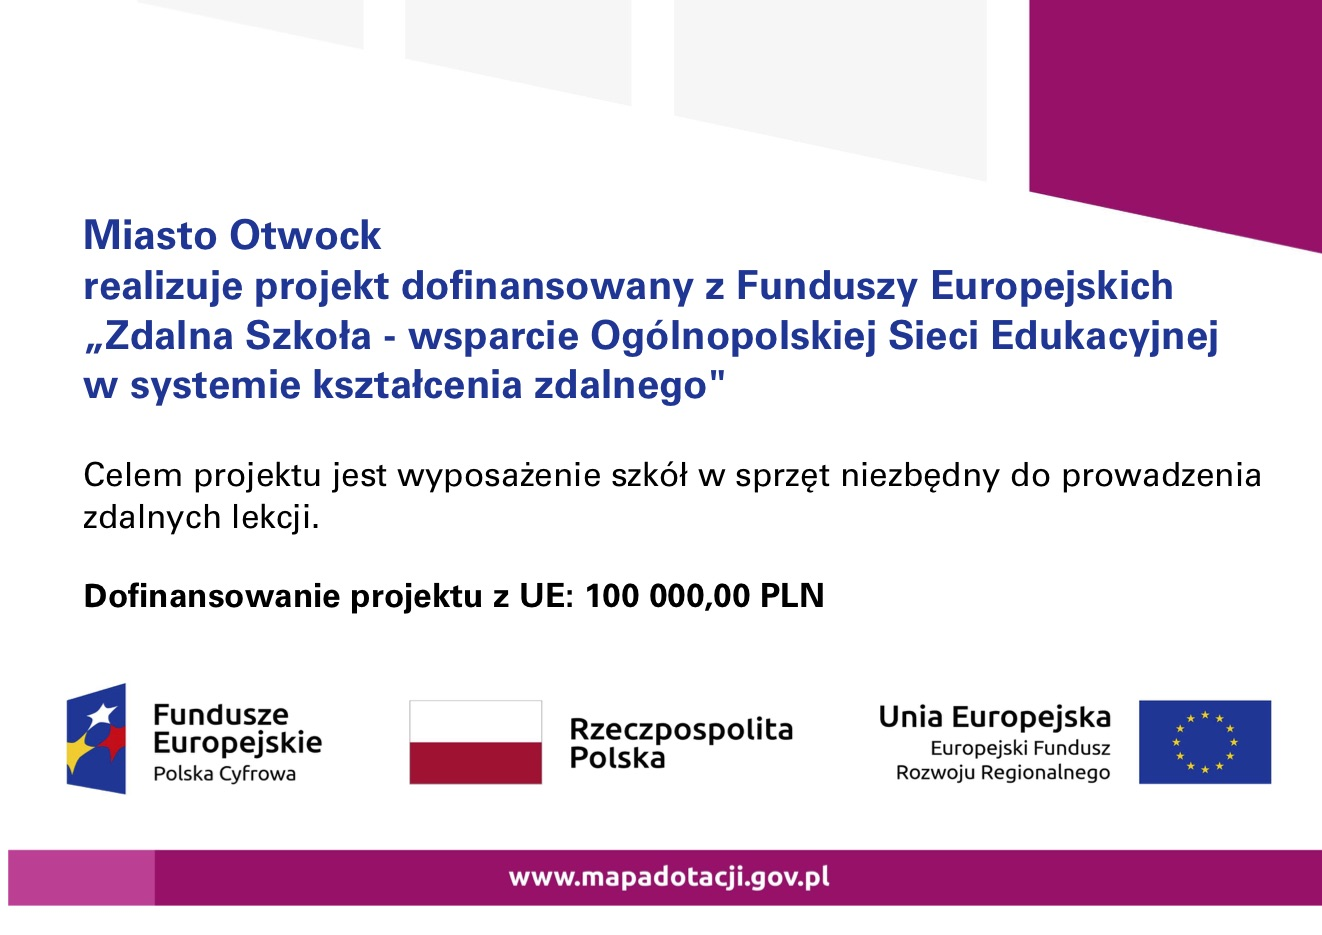 Sprzęt do zdalnej nauki dla szkół i placówek oświatowych prowadzonych przez Miasto Otwock